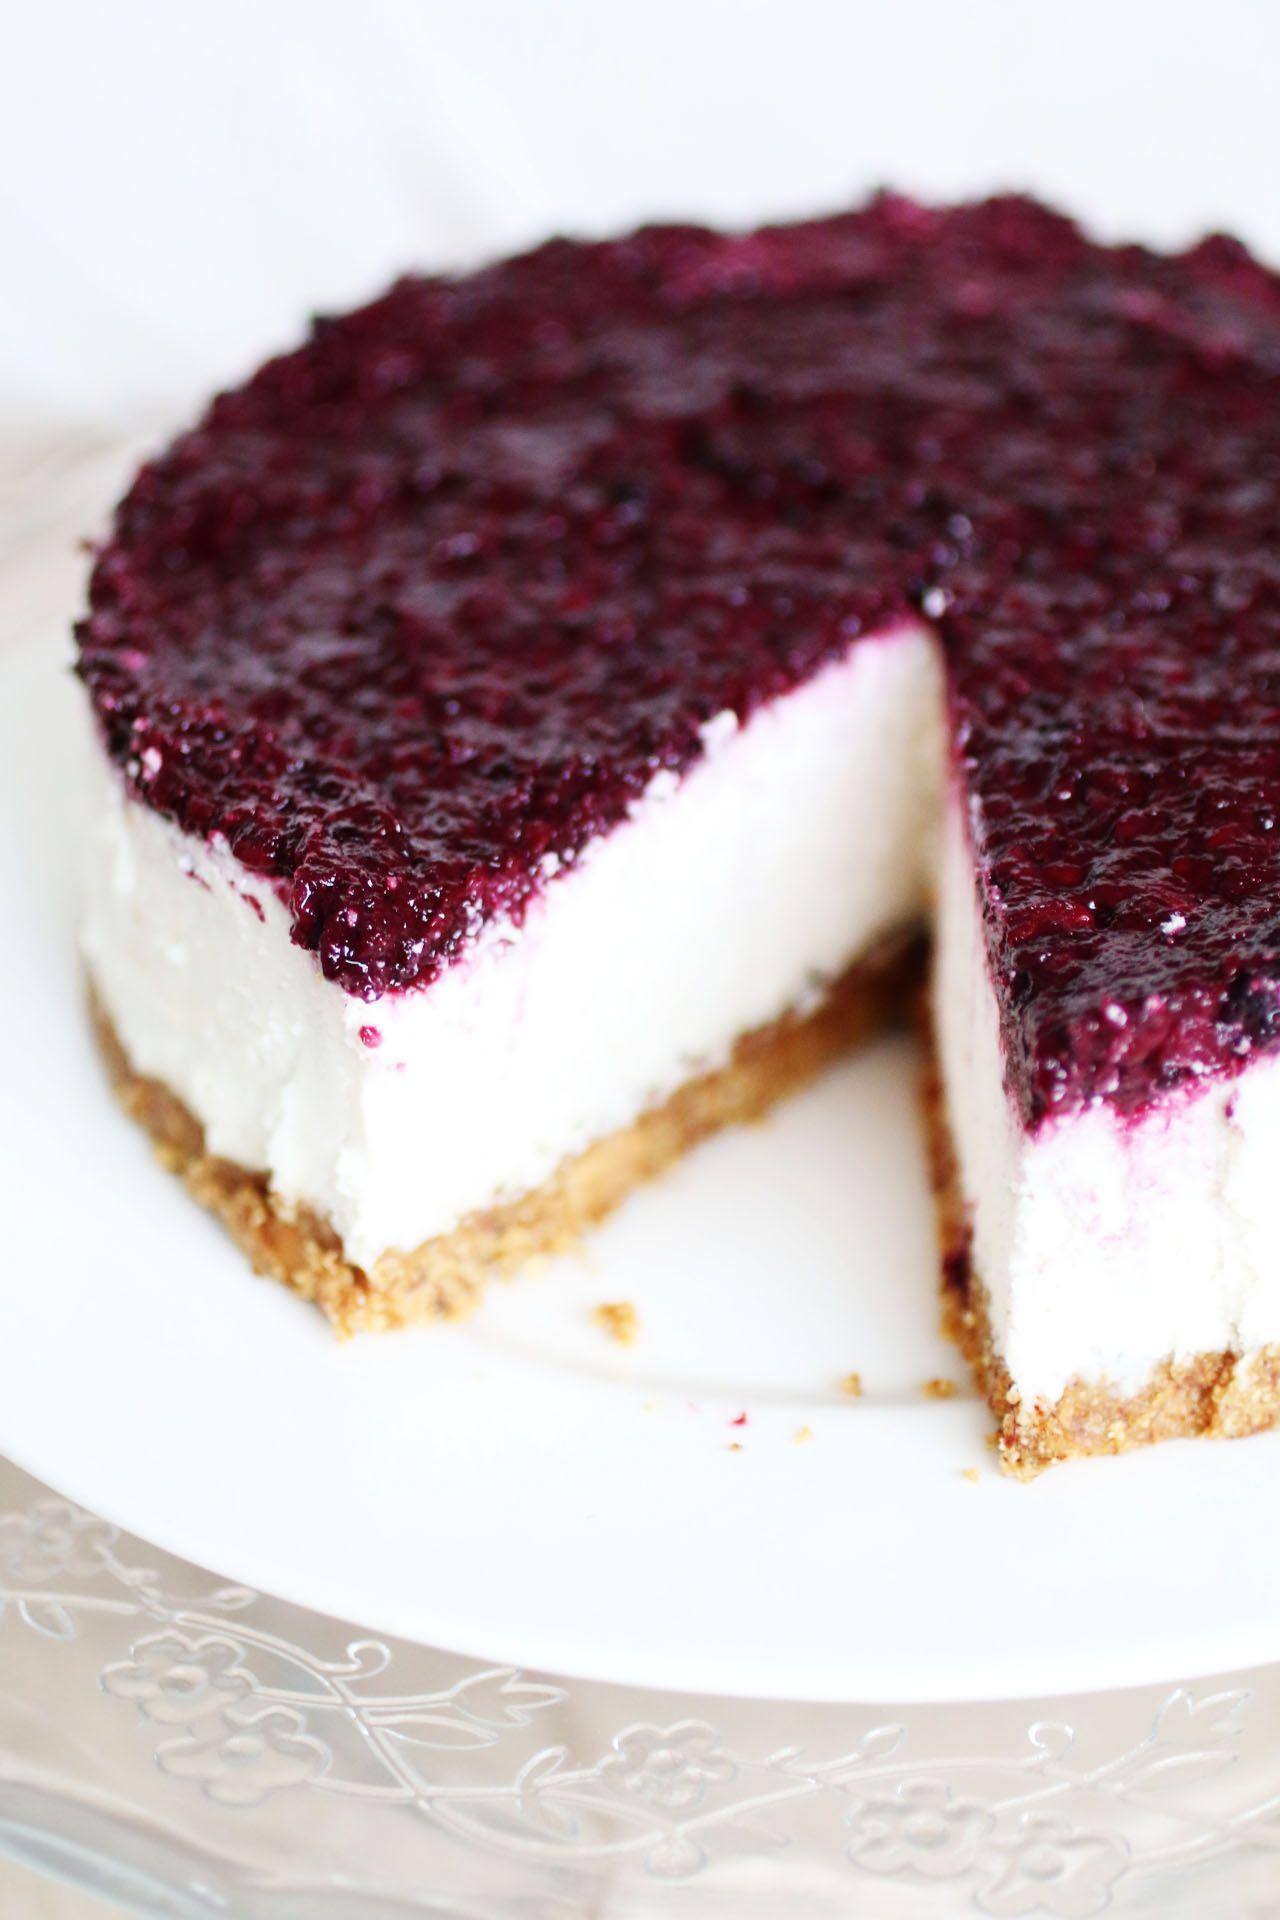 3bb522544d815fdac193f83e7126a67a - Ricette Cheesecake Fredda